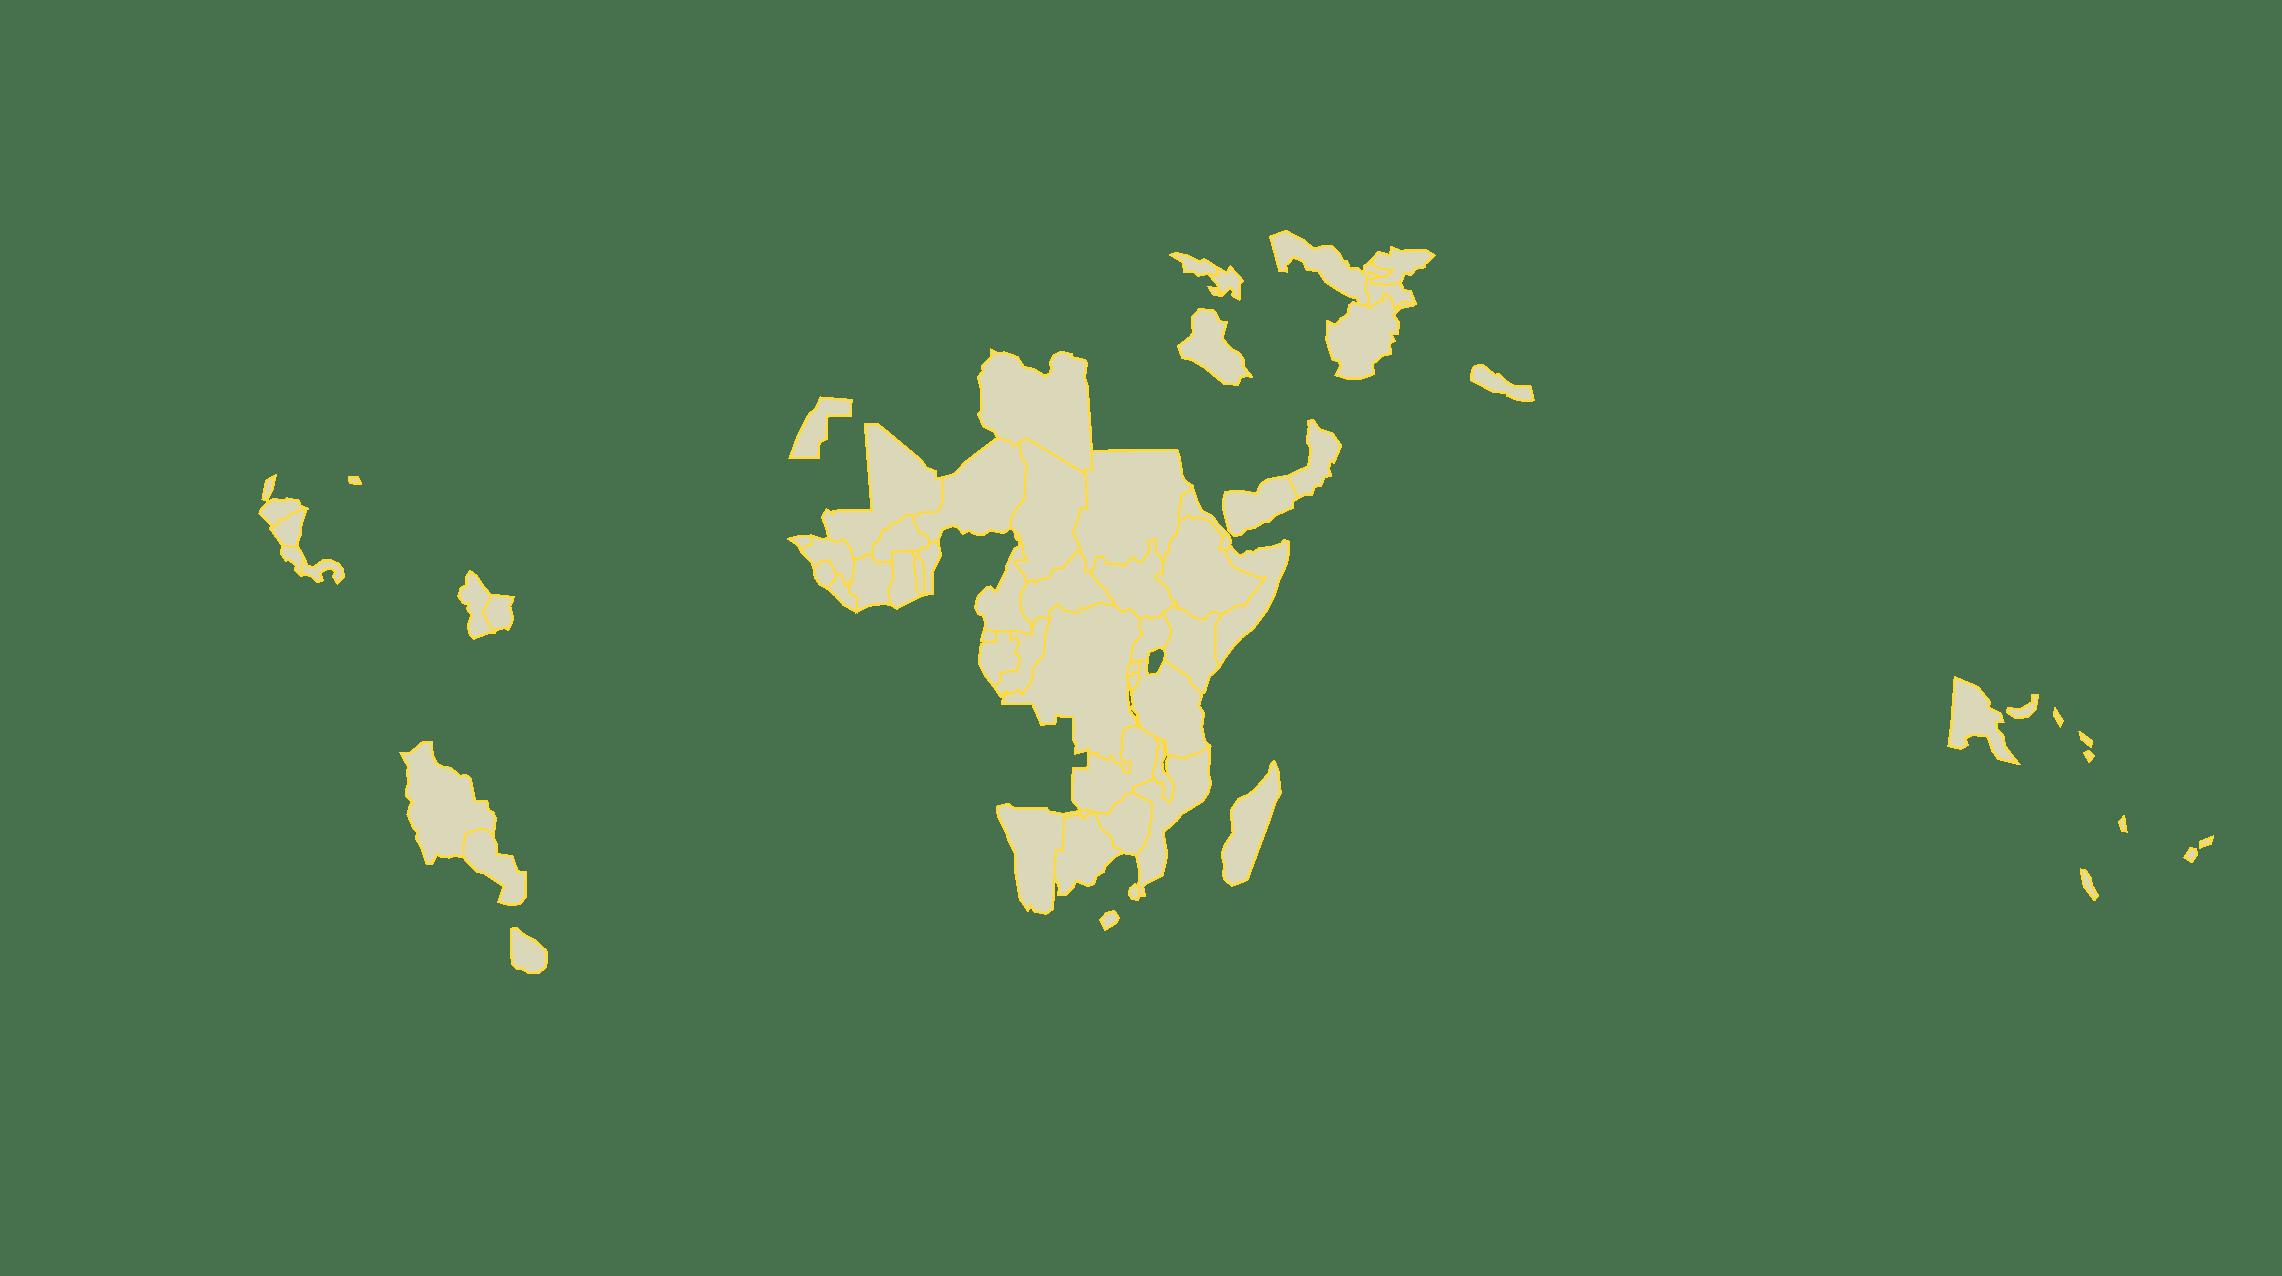 États générant moins de 5 milliards